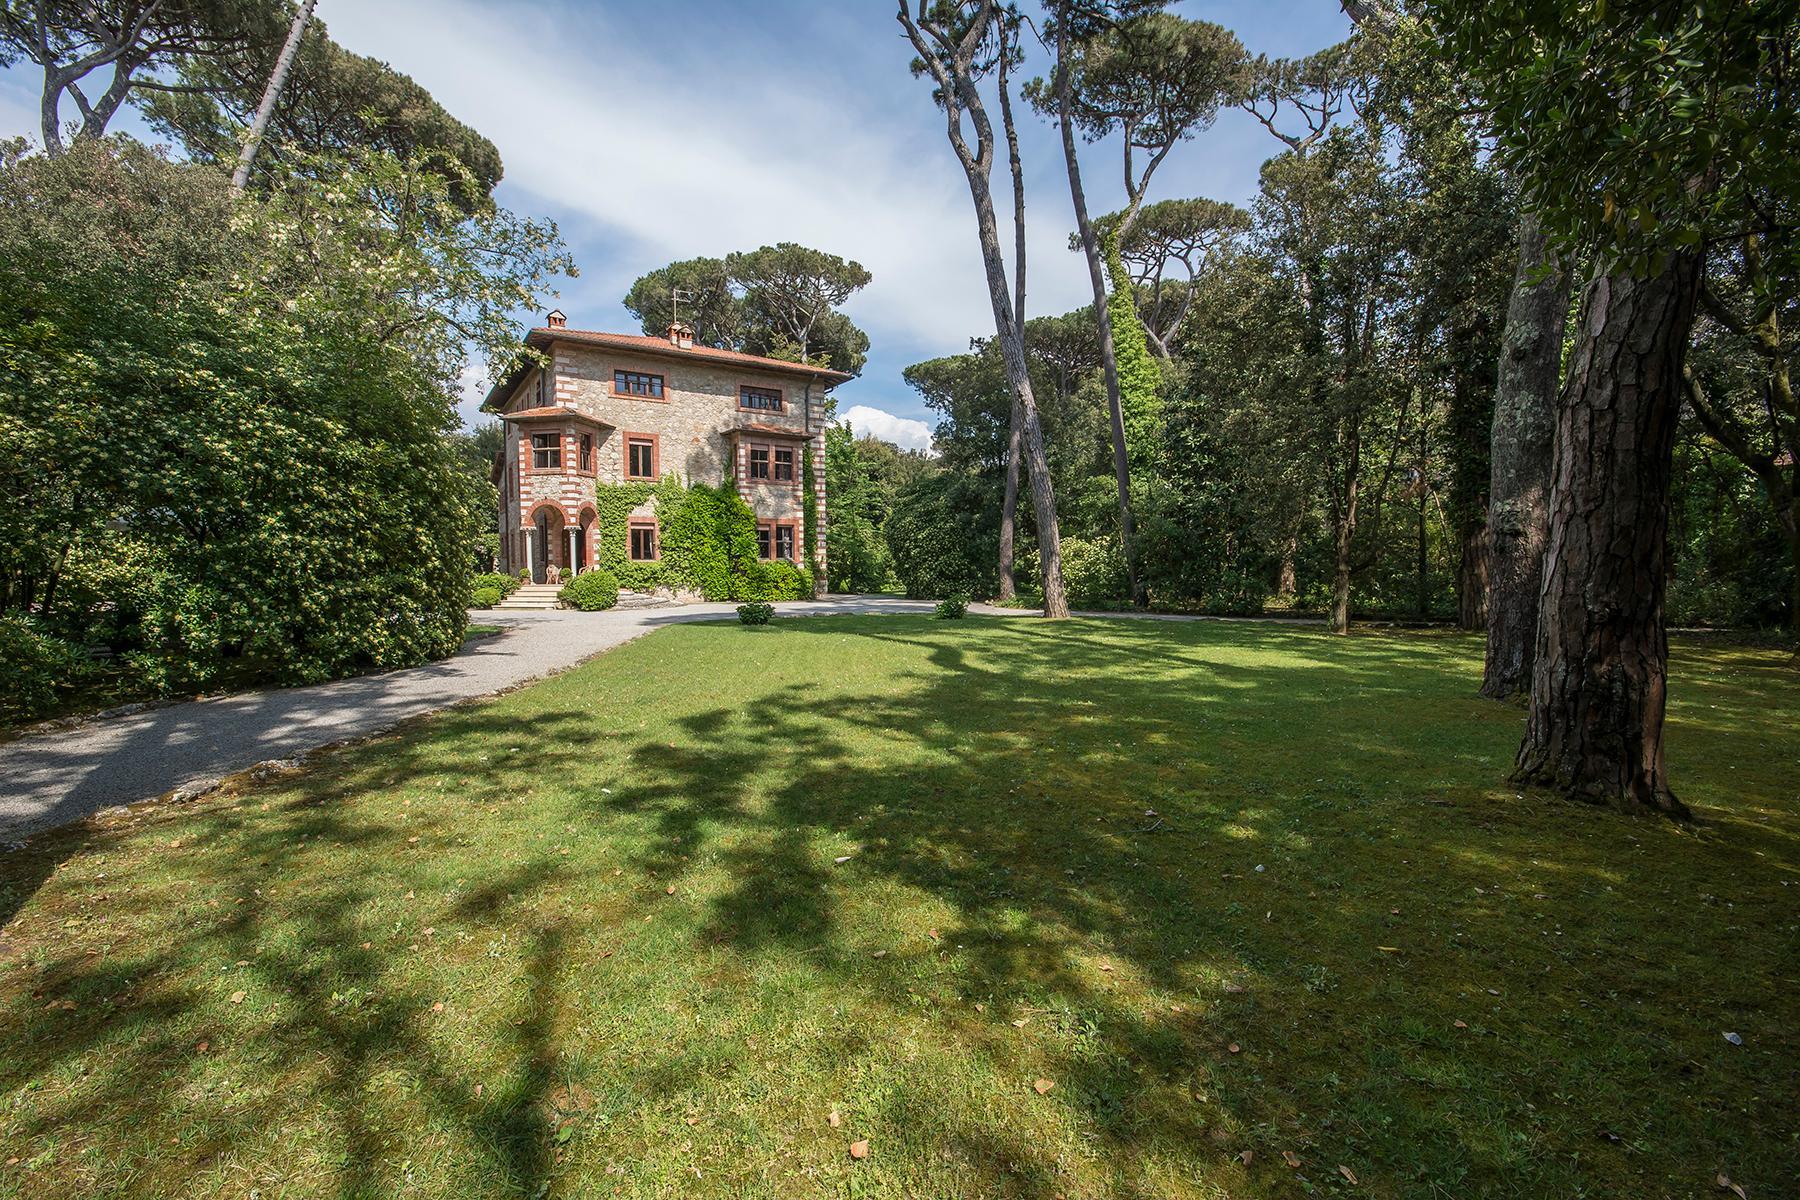 Wunderschöne Villa wenige Schritte vom Meer entfernt - 5